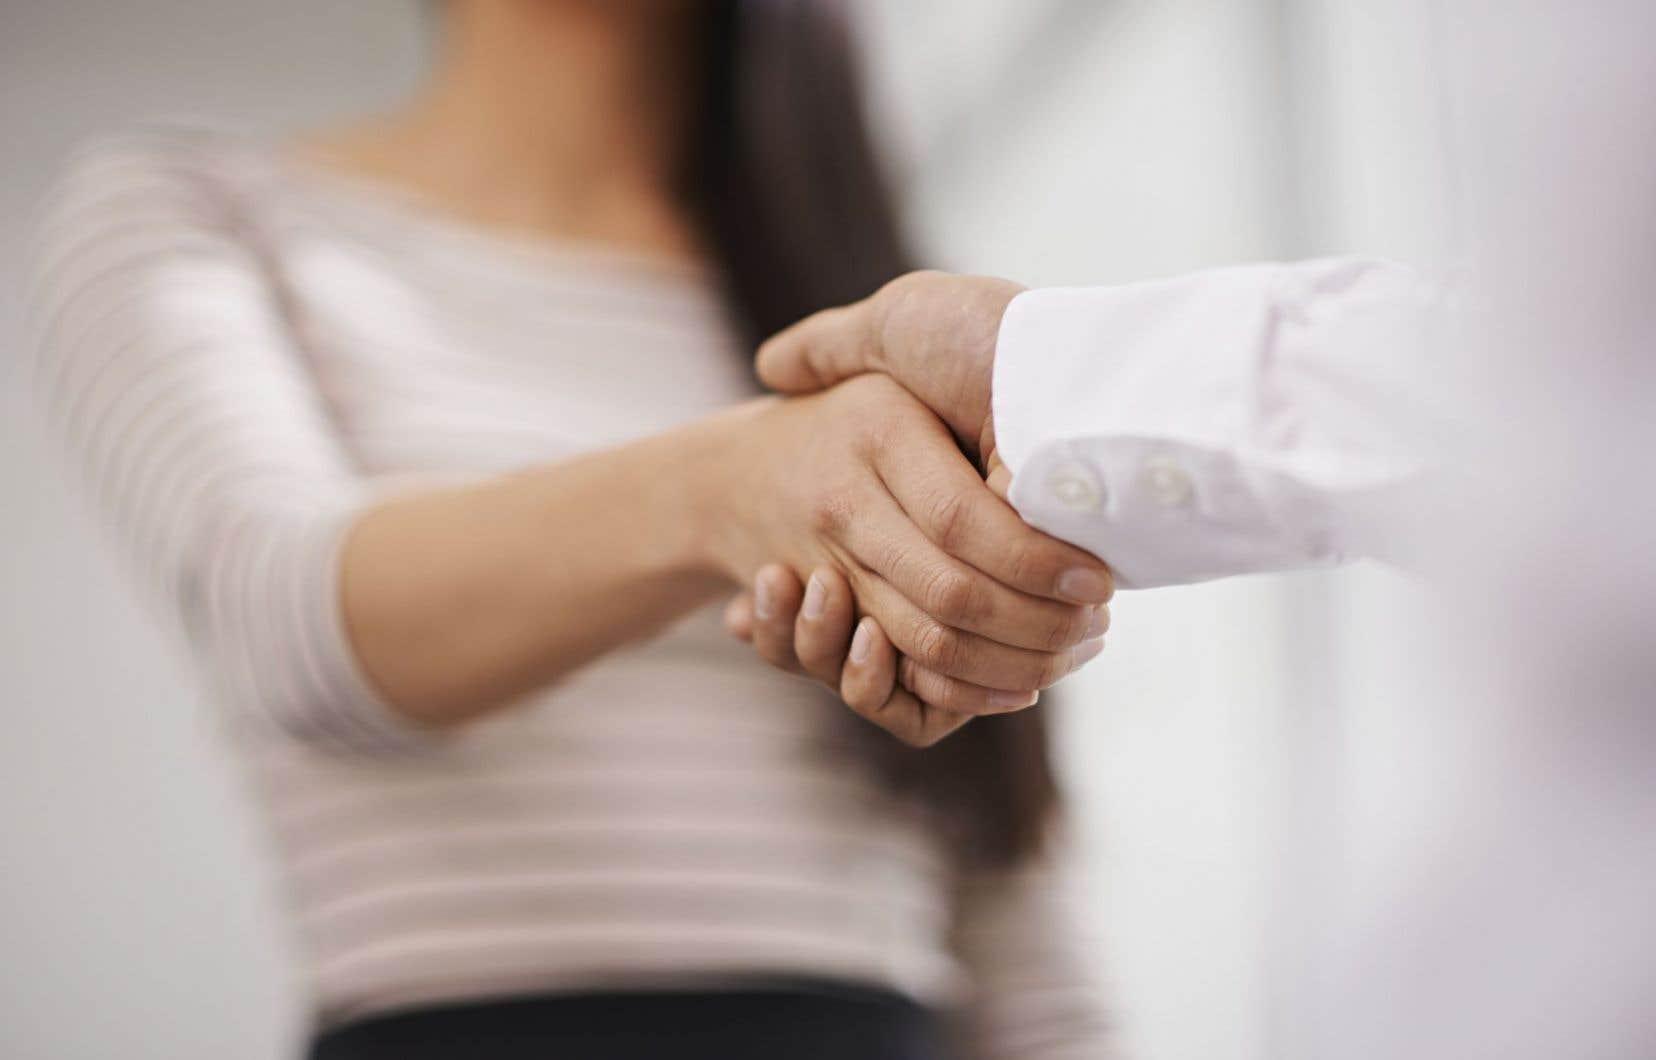 Après avoir mené une analyse juridique à la demande de l'établissement secondaire, le gouvernement a conclu qu'une «enseignante peut exiger la poignée de main» dans le cadre scolaire.